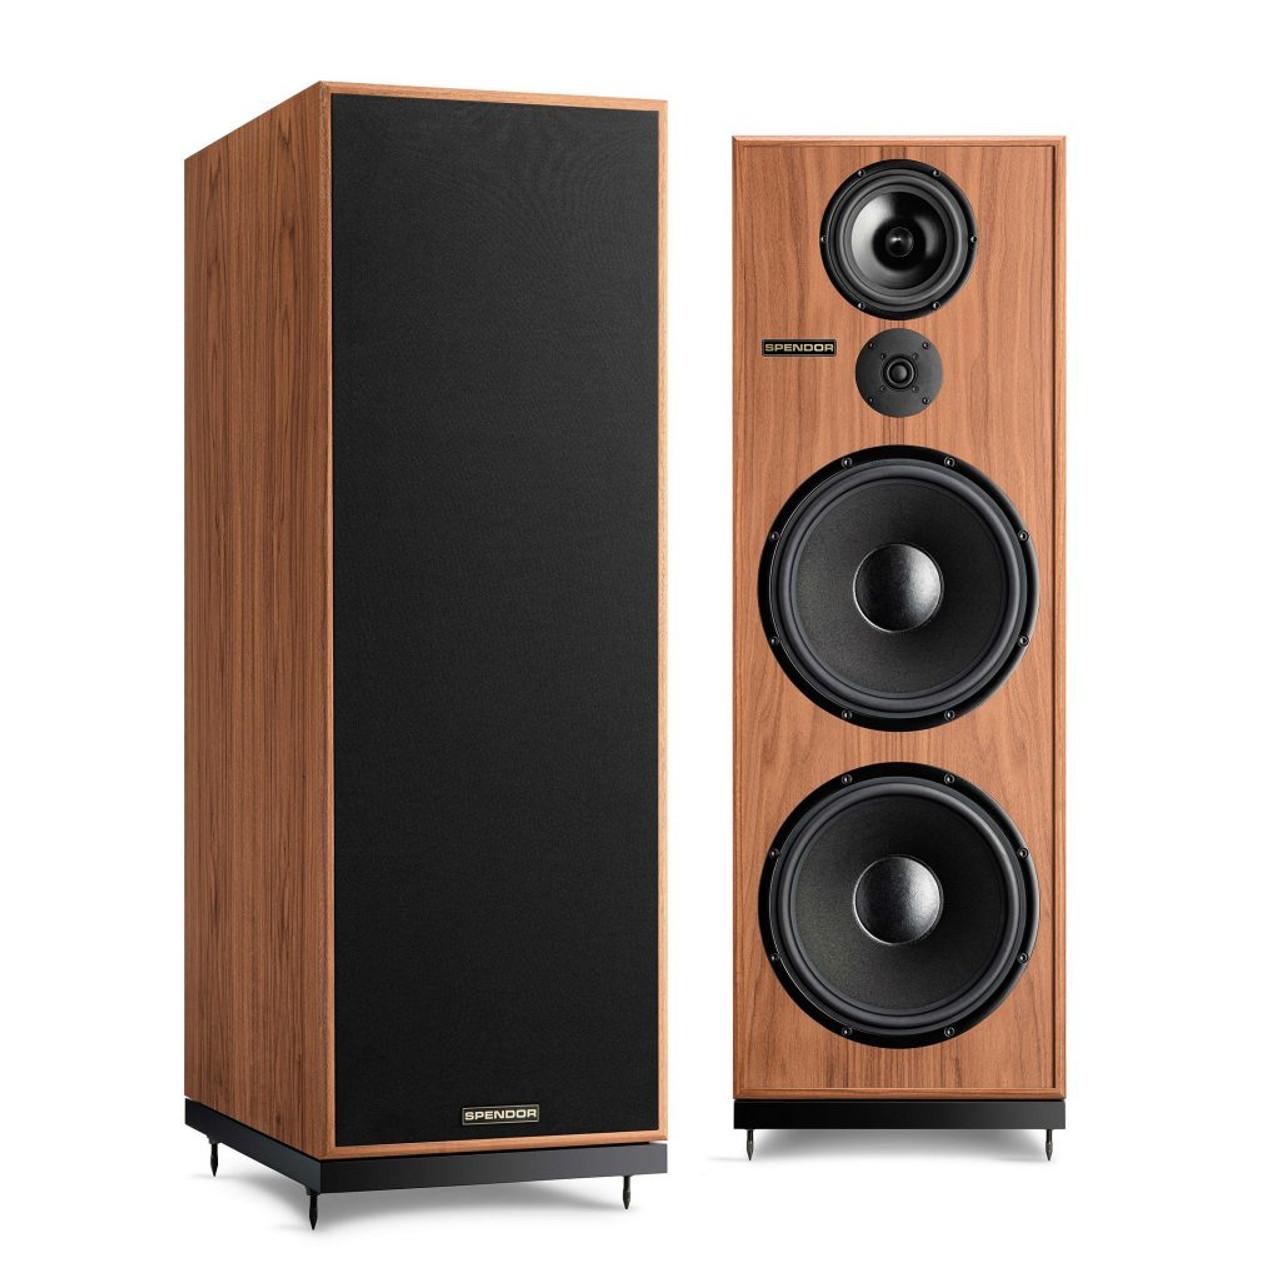 Spendor Classic 200 speakers